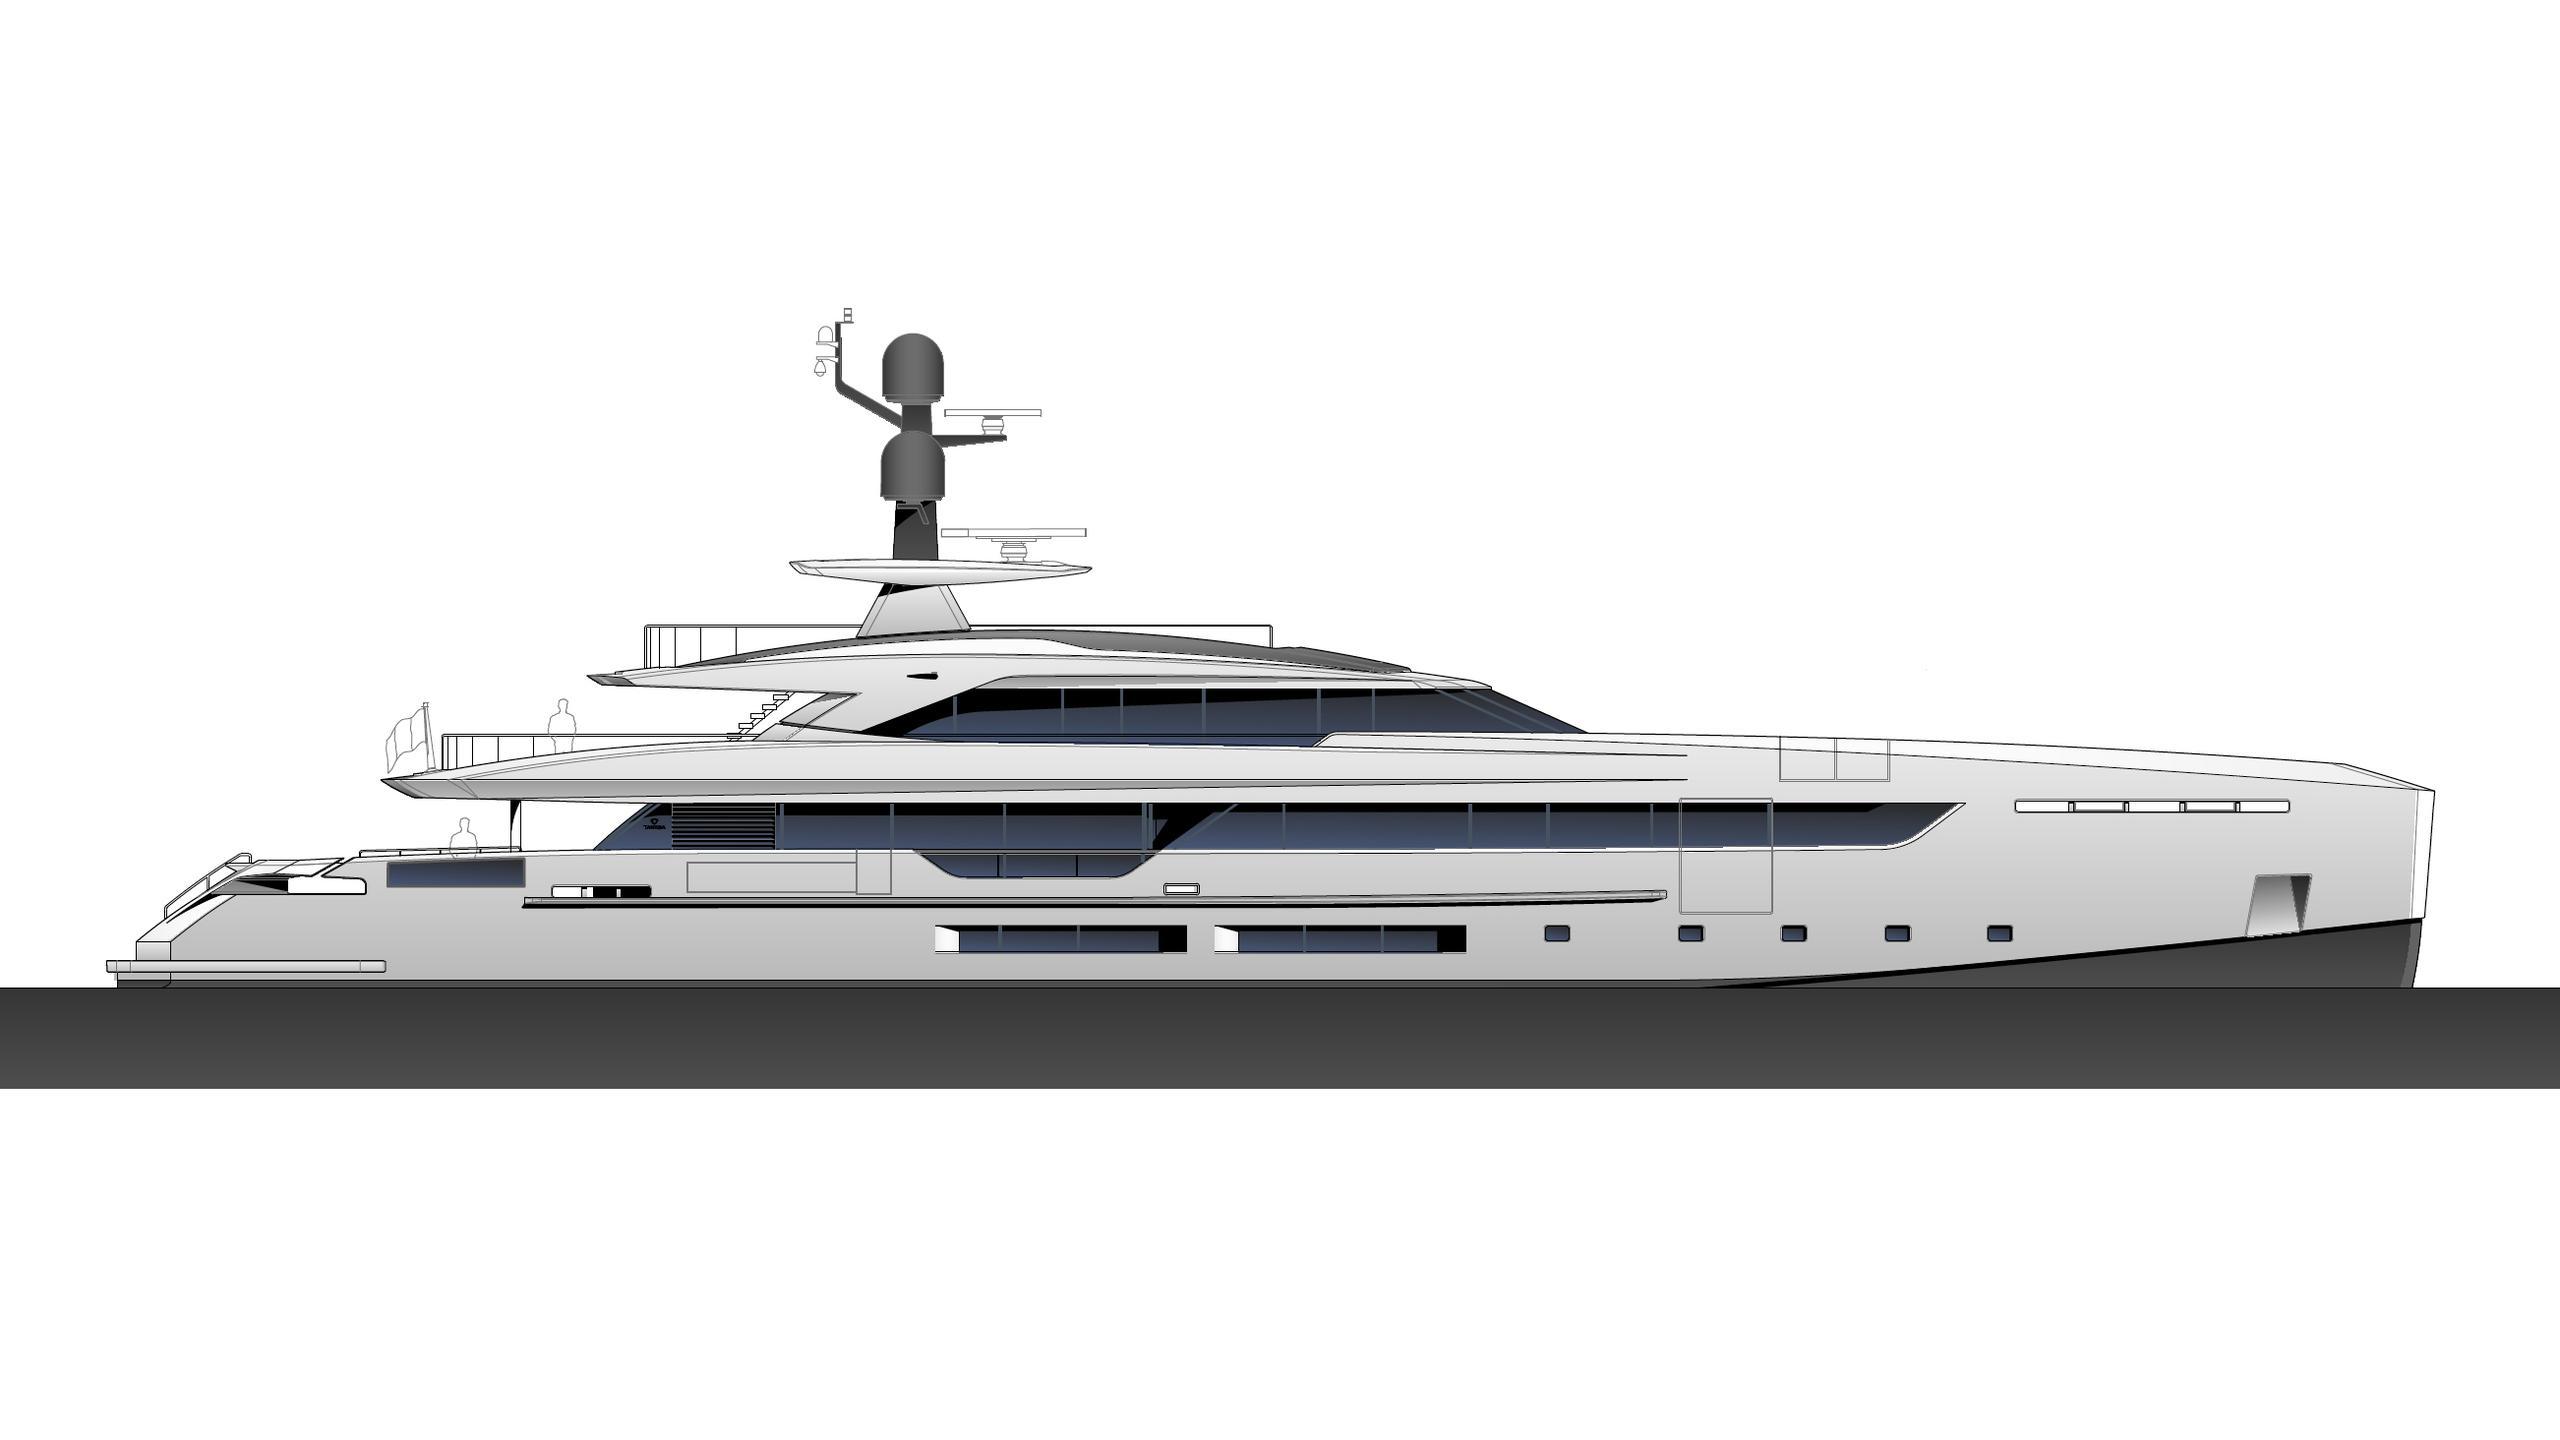 elettra motoryacht tankoa yachts 50m 2019 rendering profile